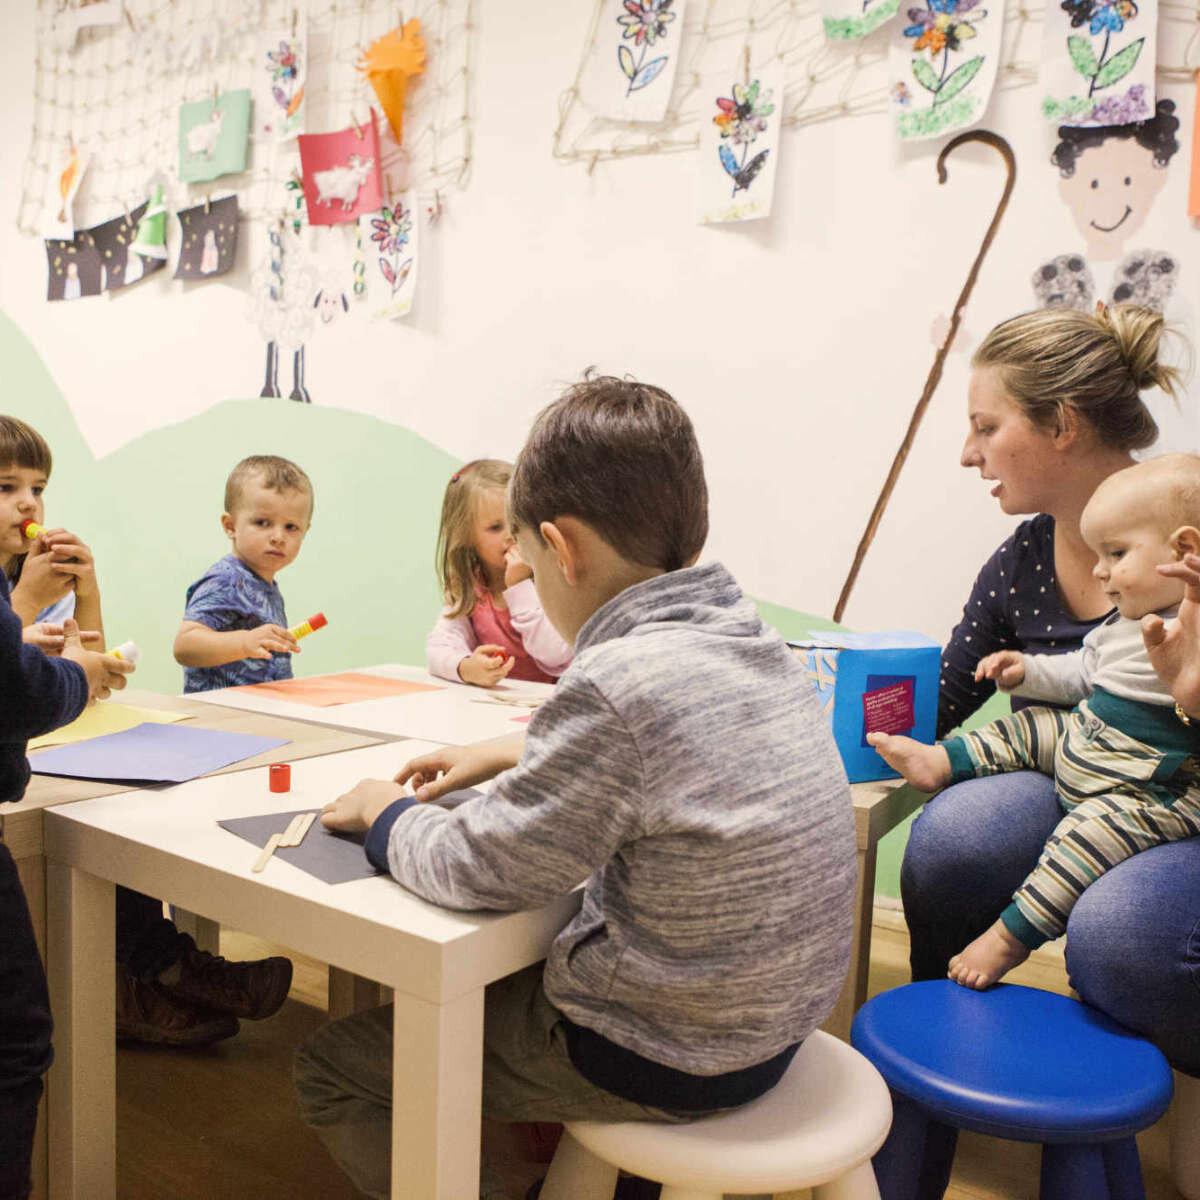 Děti mívají v průběhu bohoslužby vlastní program.